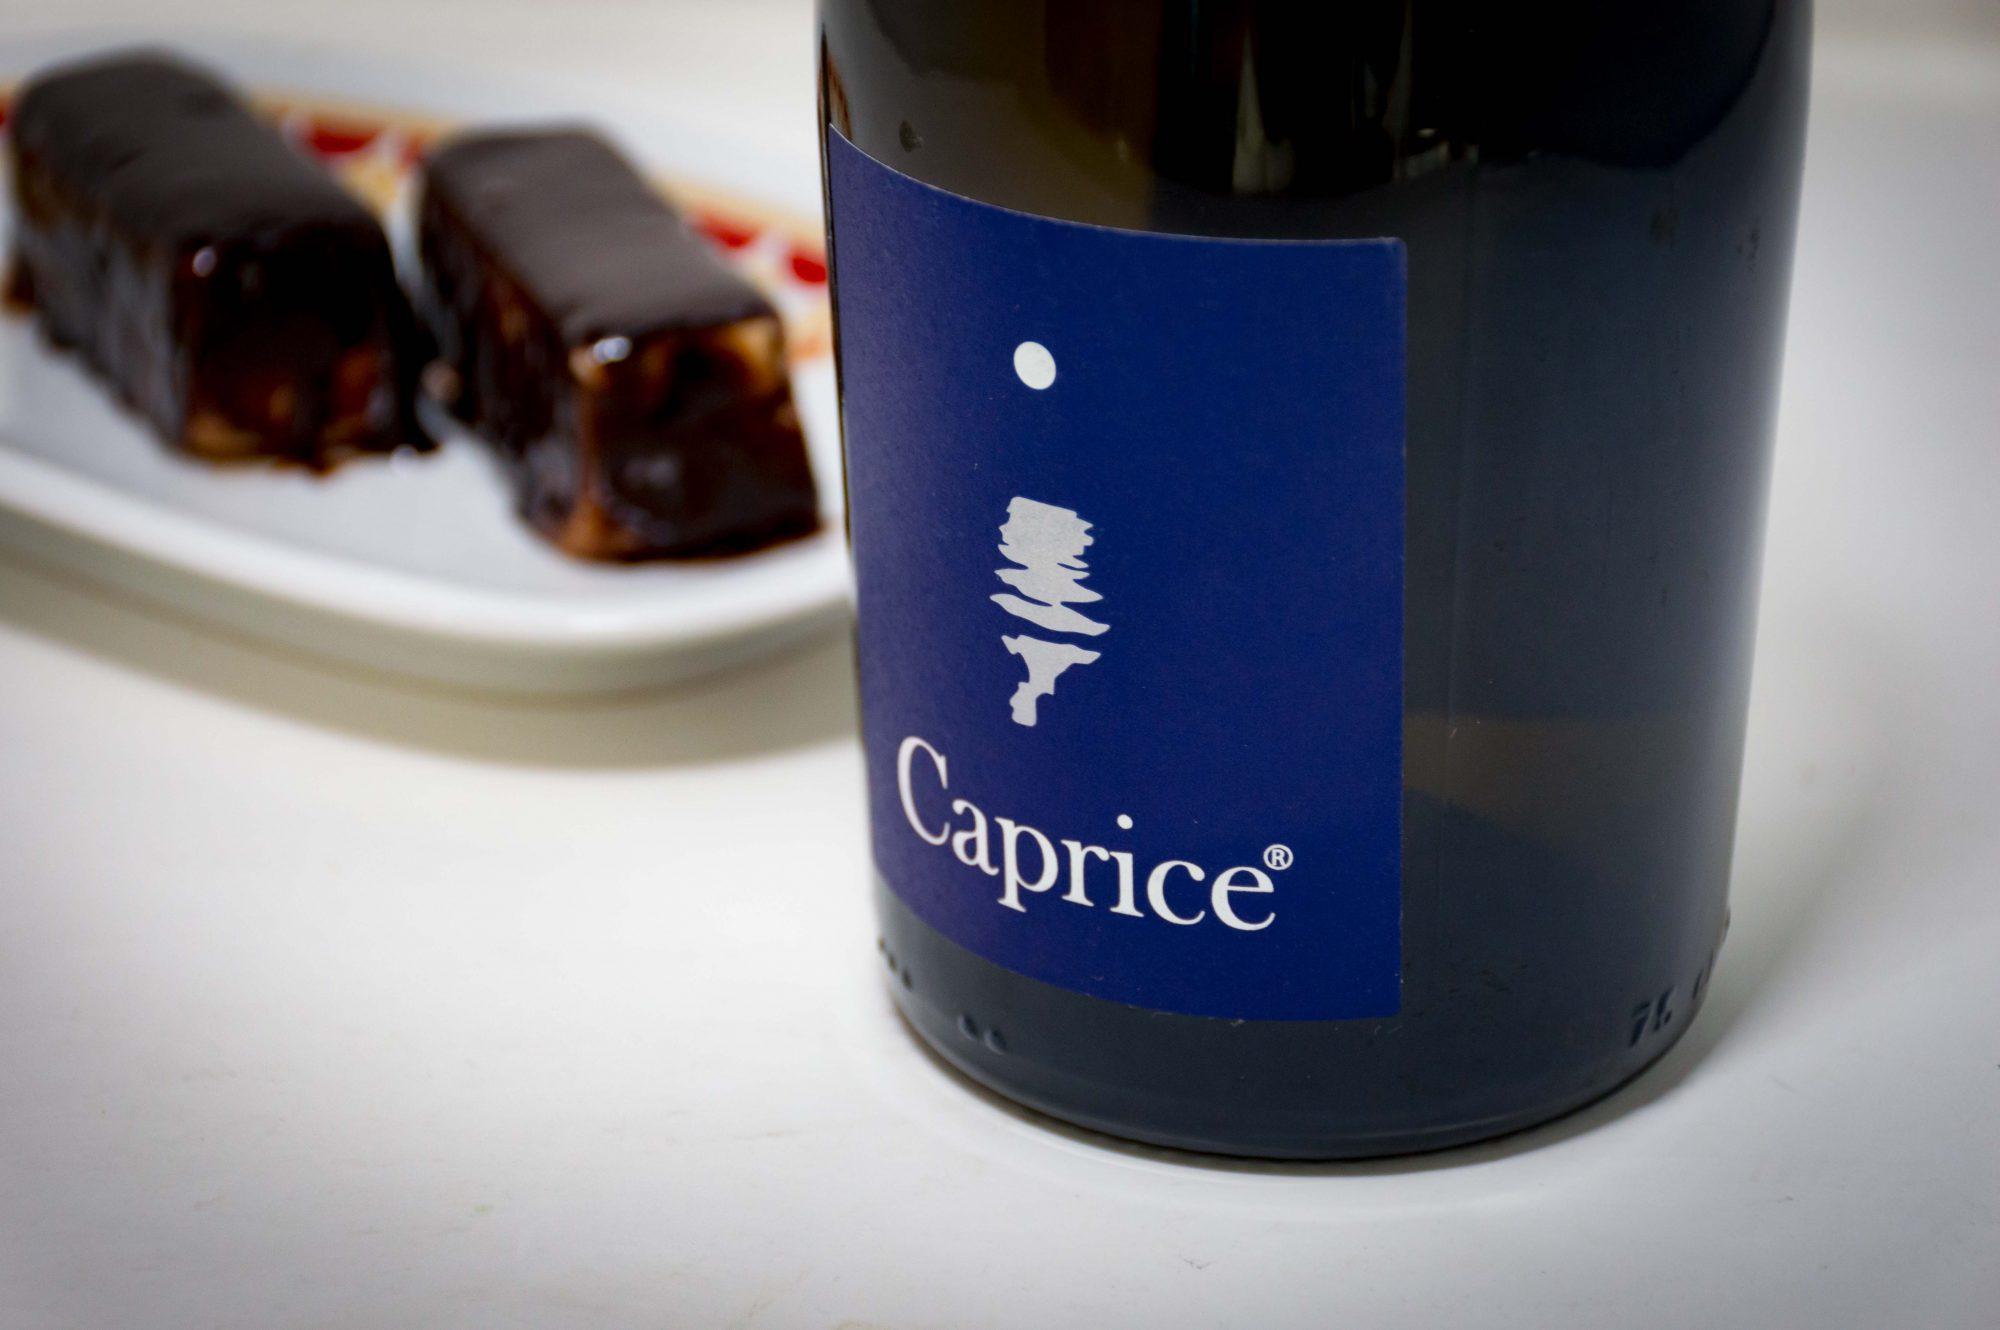 In autunno cresce la voglia di dolci: il Caprice spumante è il vino giusto da abbinare 🥂🥧